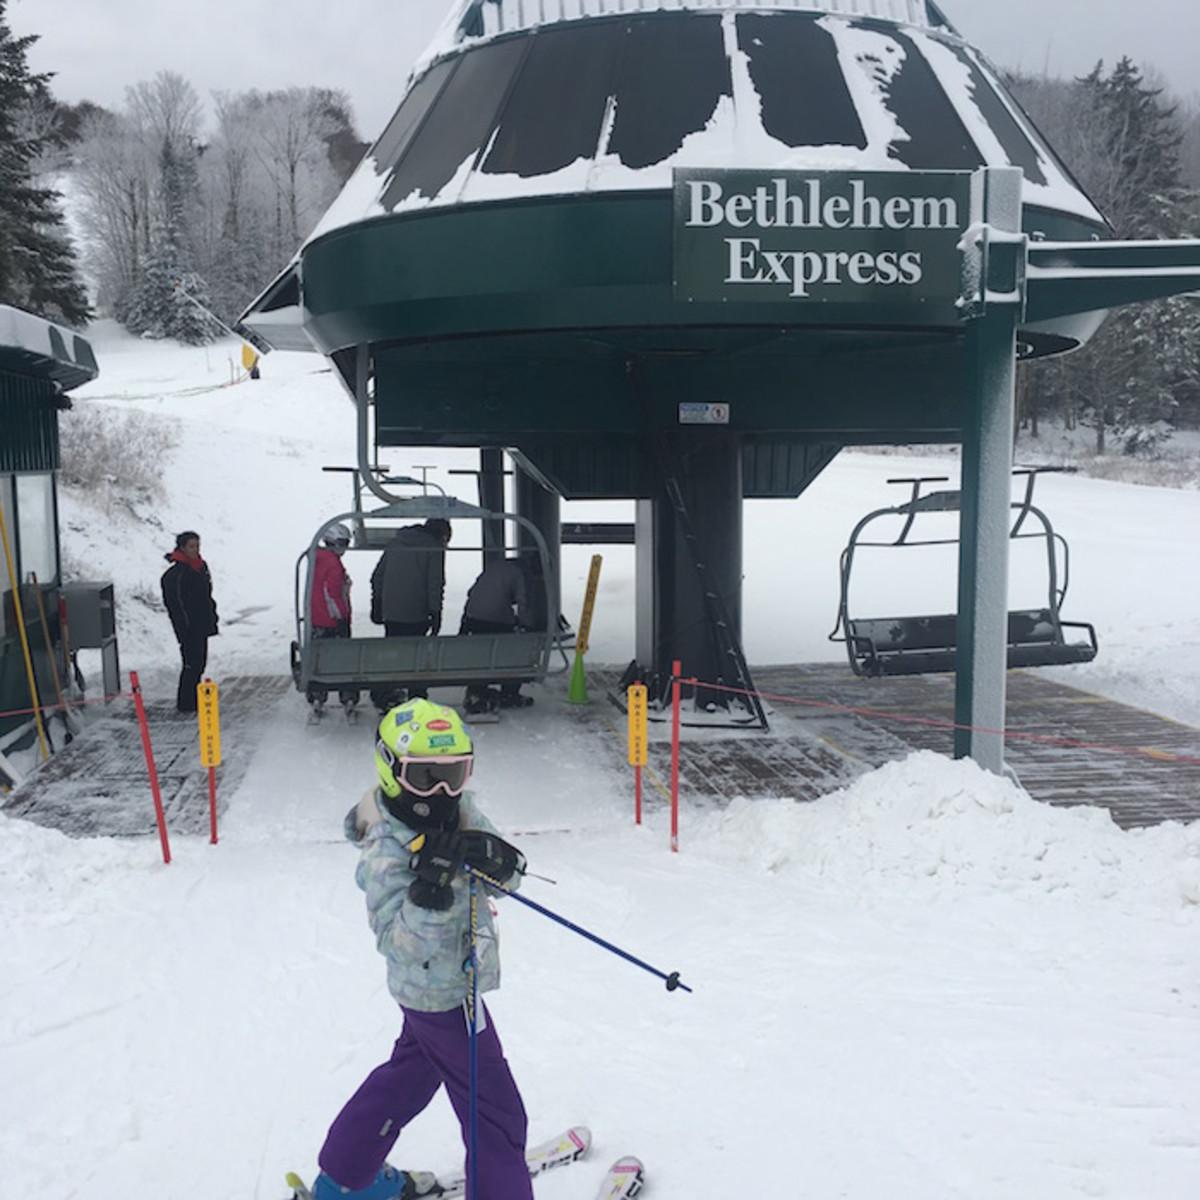 bethlehem lift